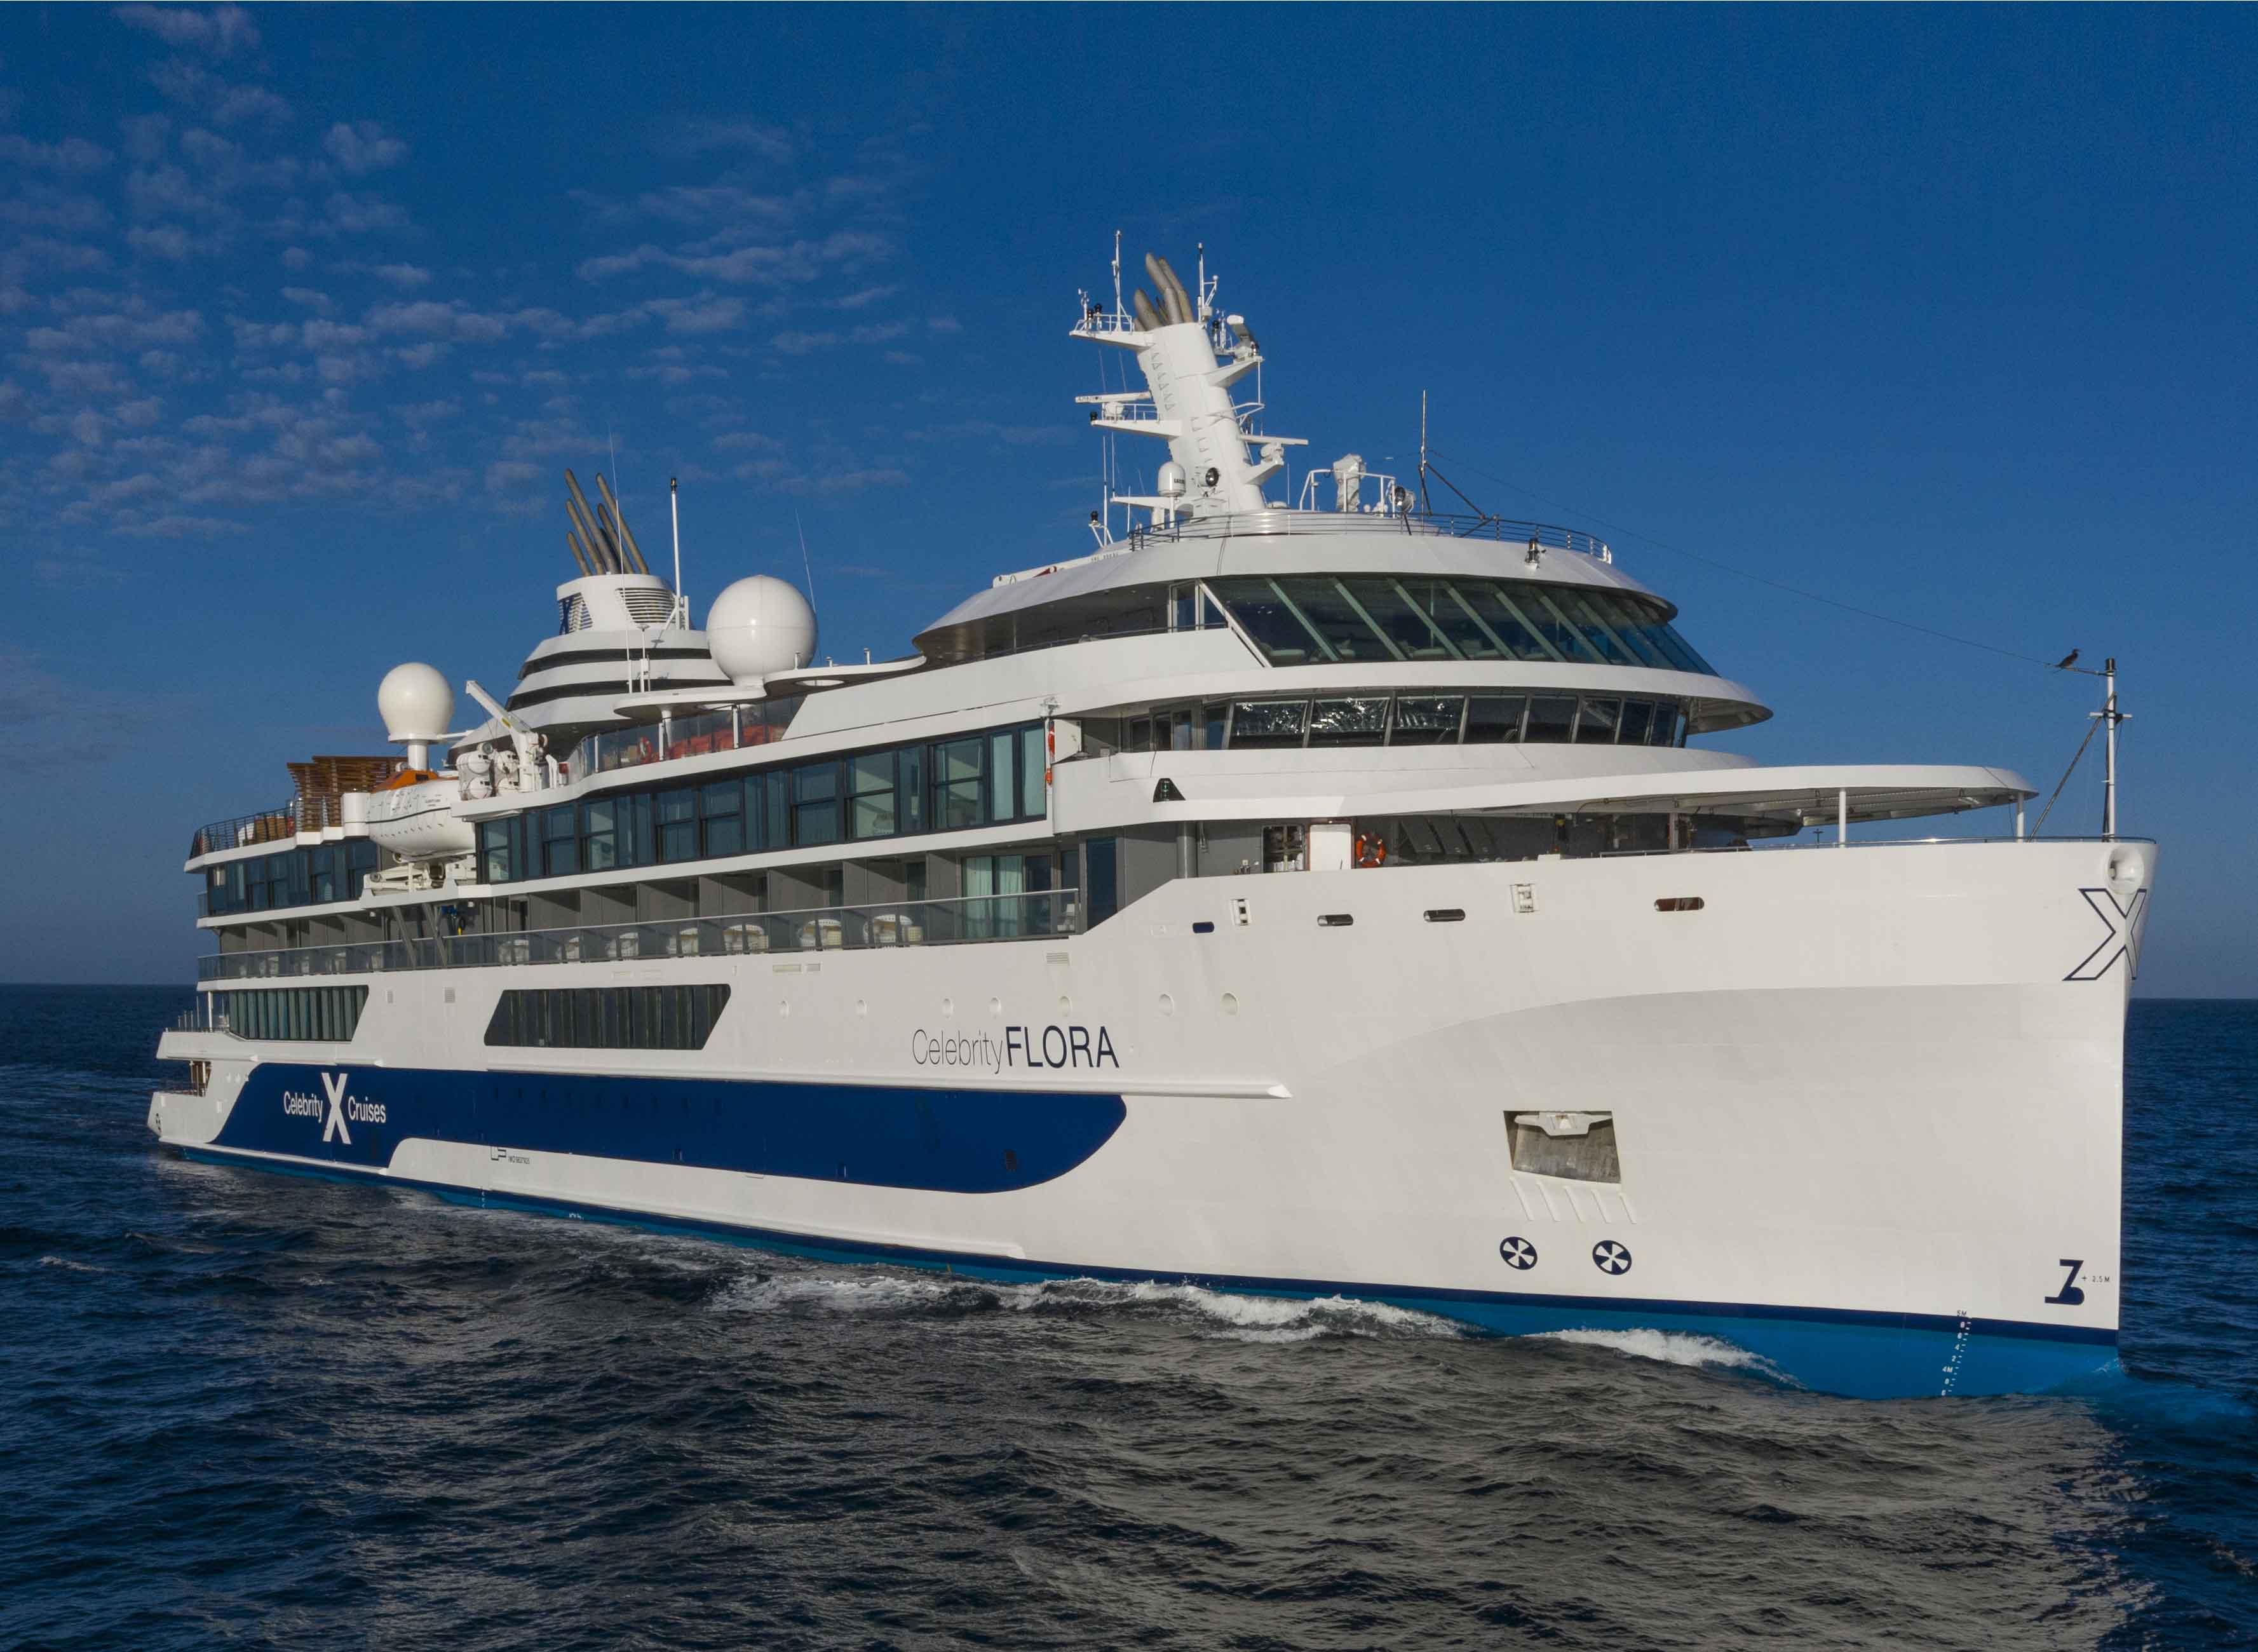 Круизный лайнер Celebrity Flora